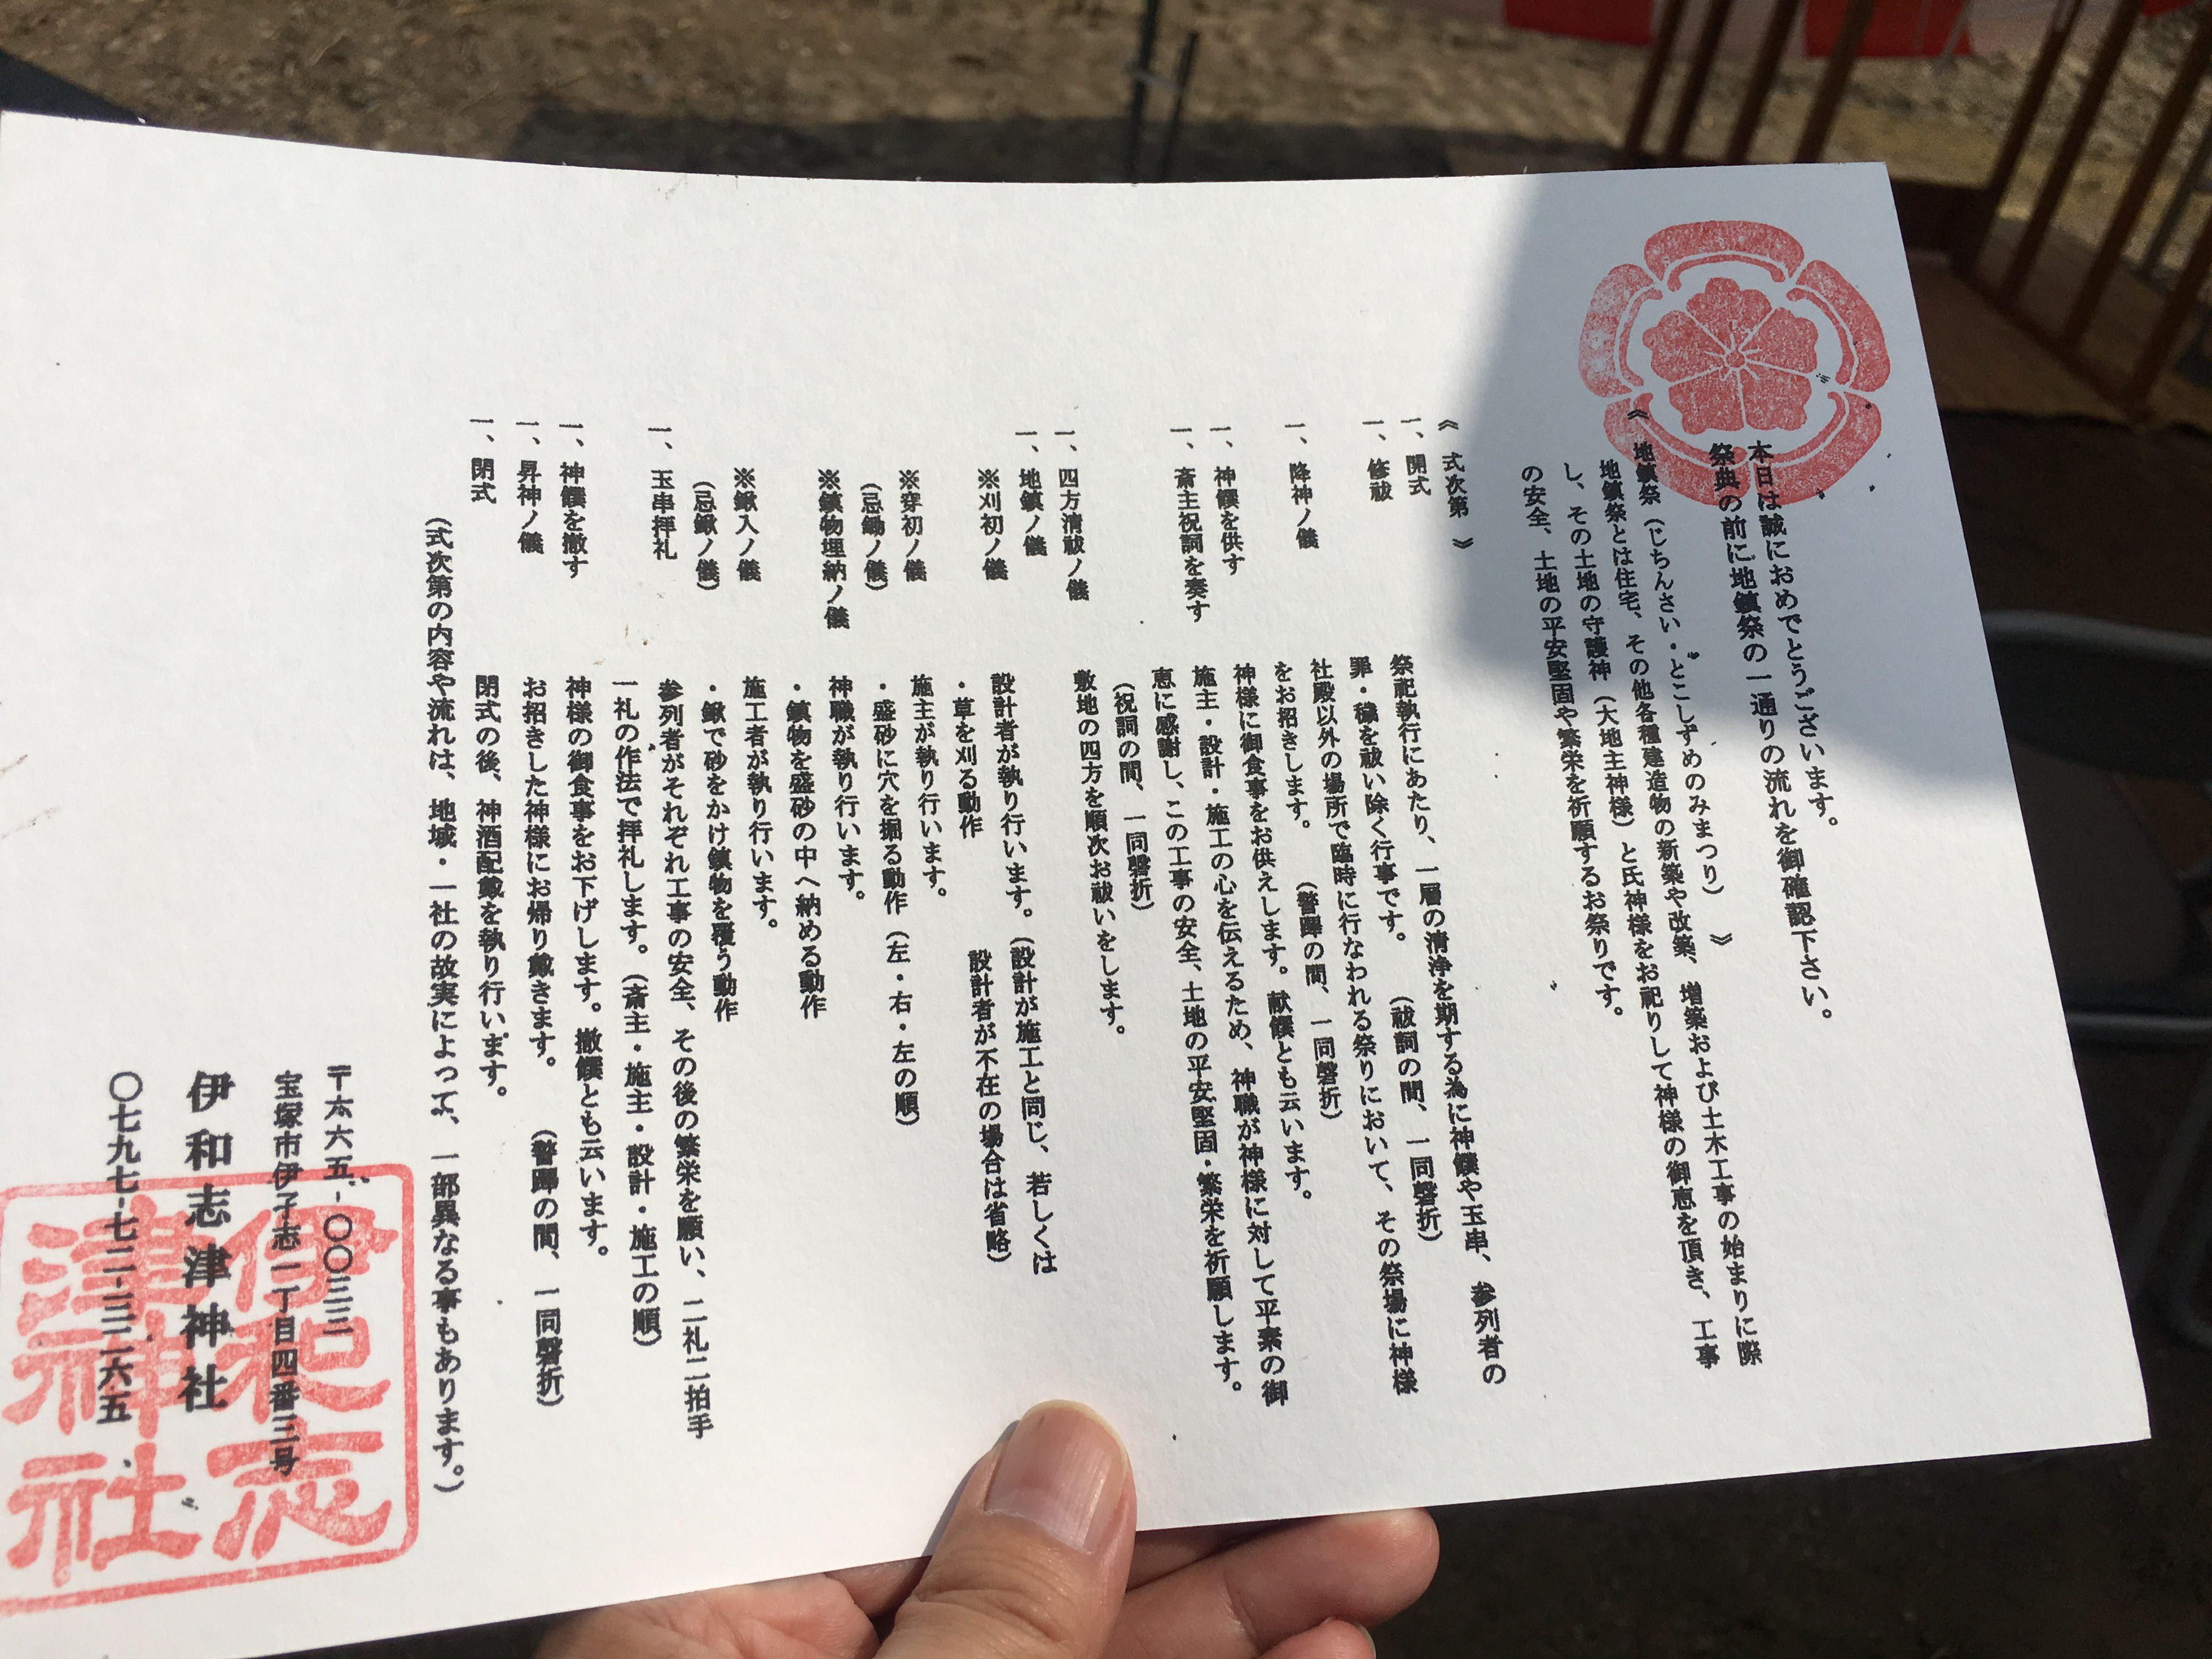 宝塚市逆瀬川の家地鎮祭20180609-2